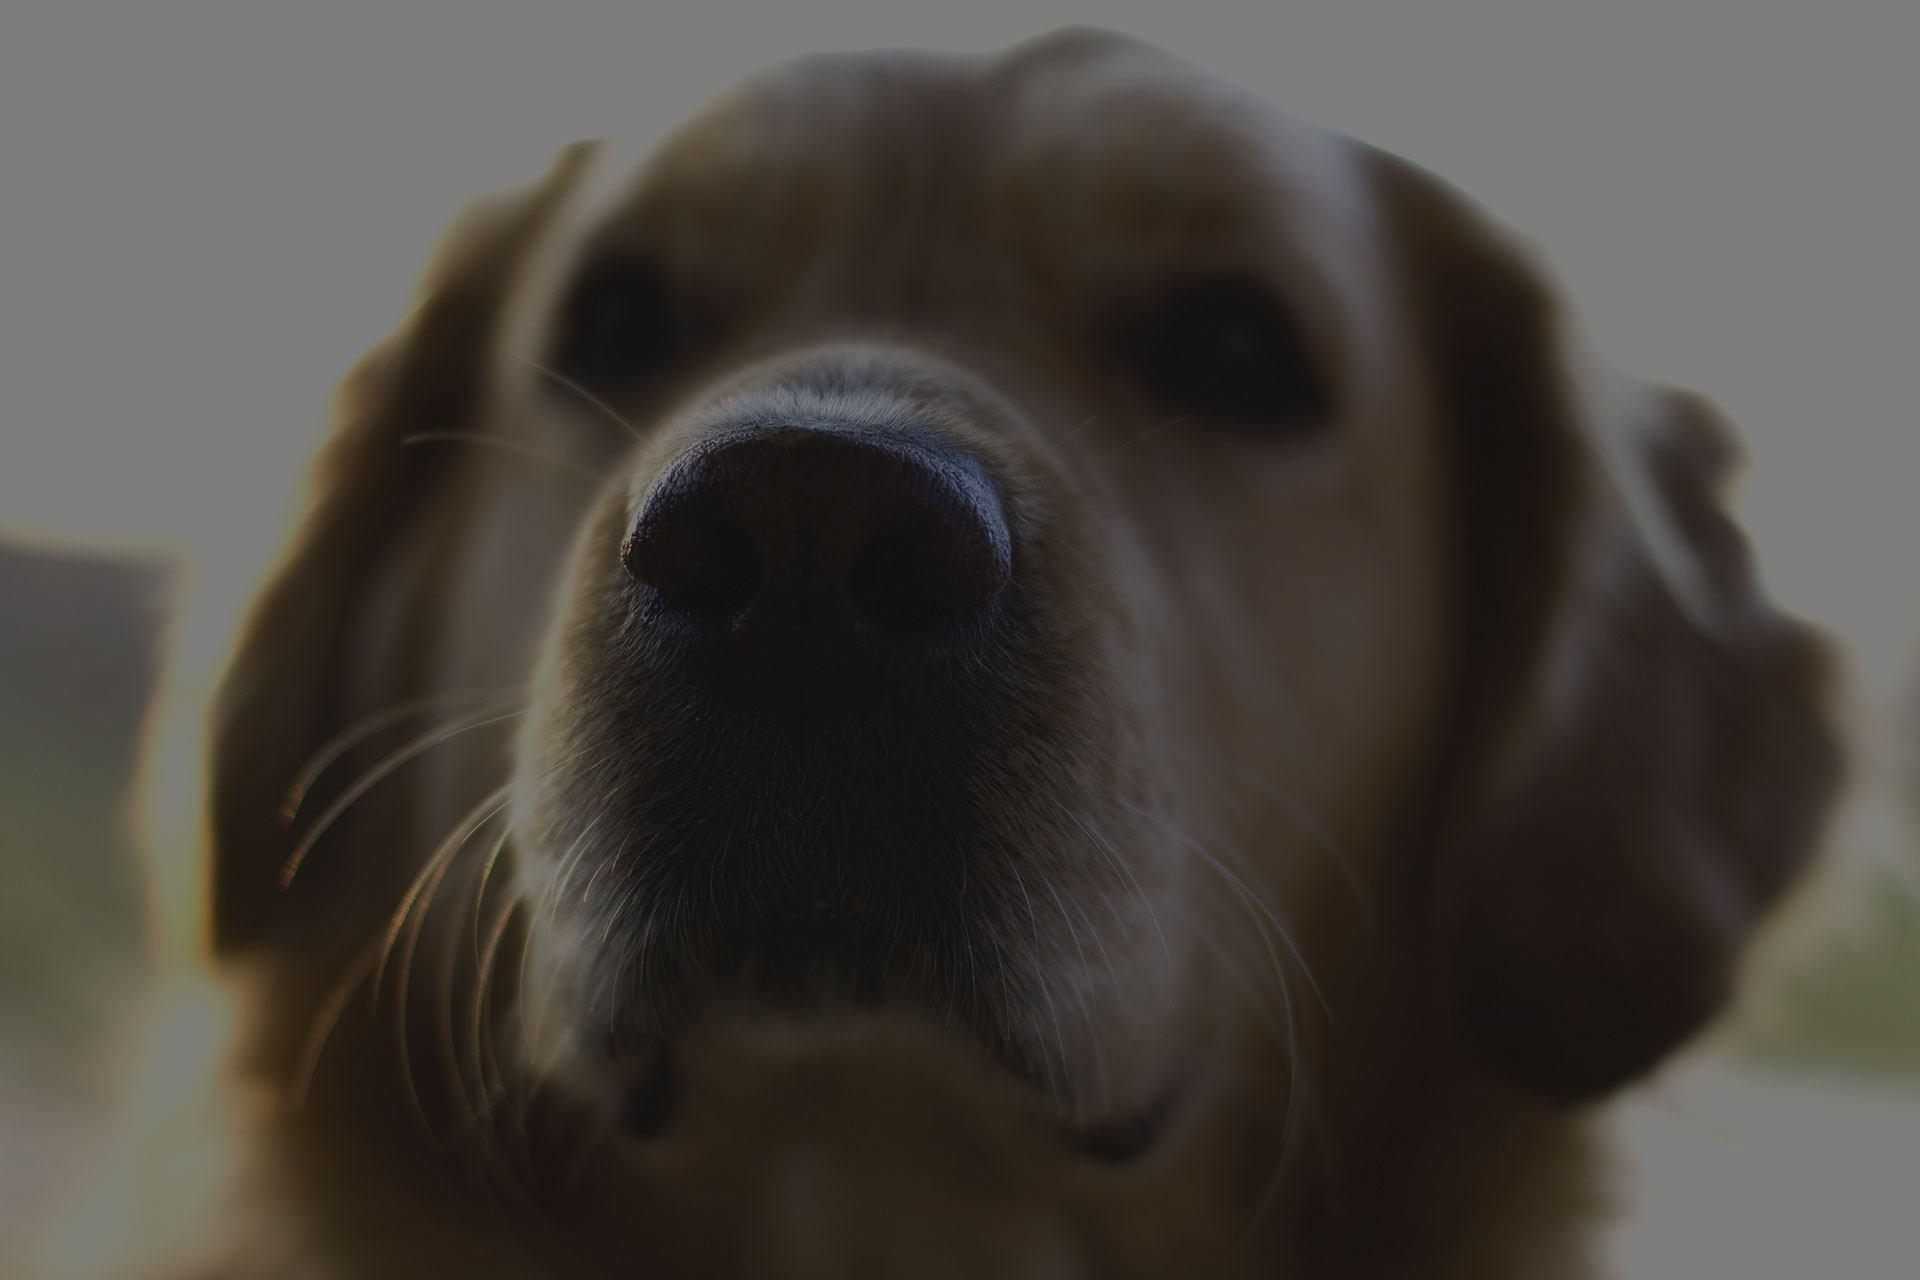 Golden Retriever Nose close up